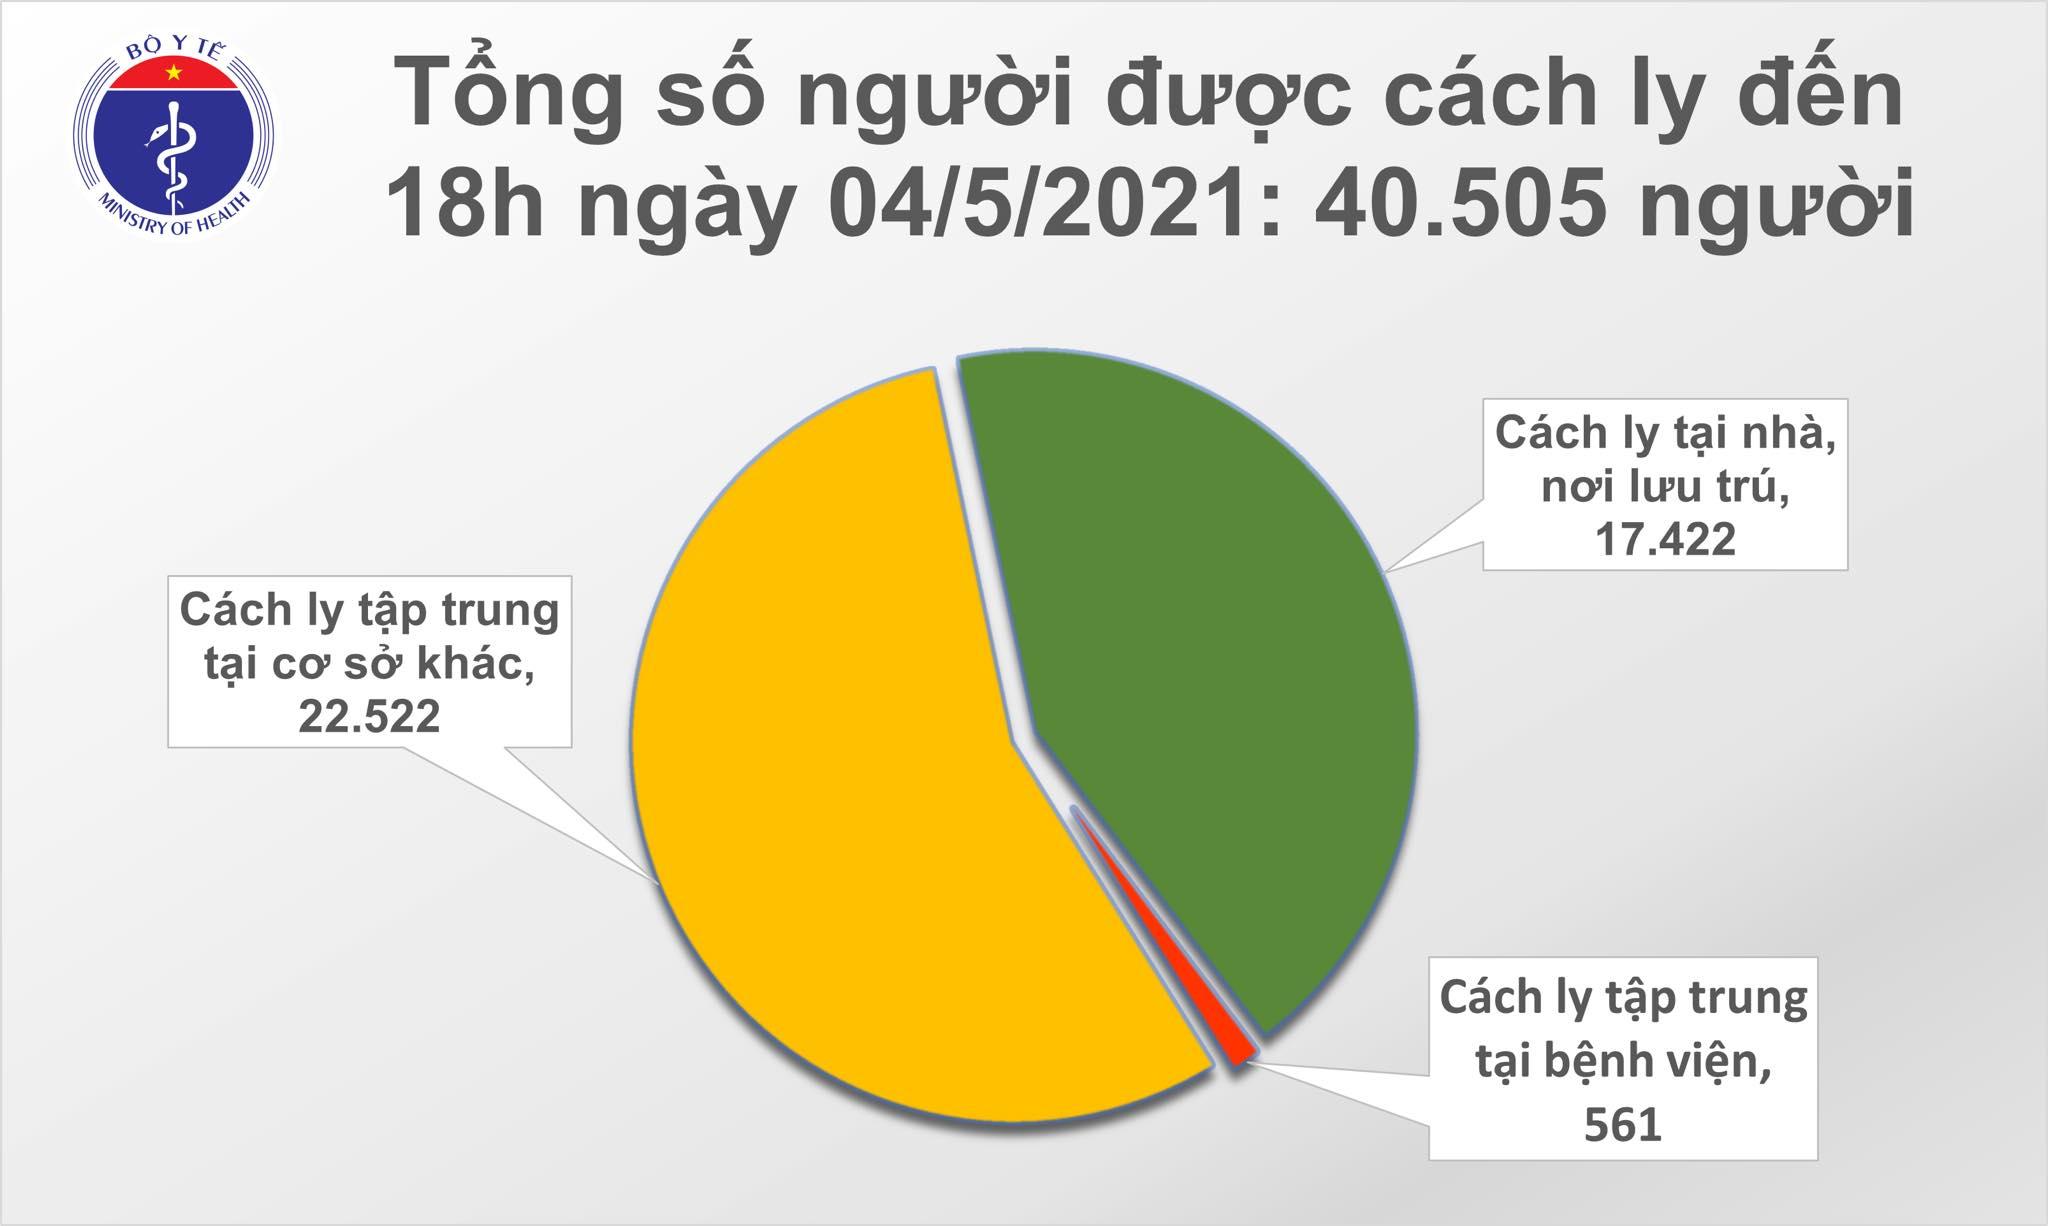 Chiều 4/5: Thêm 11 ca mắc COVID-19, có 1 ca trong nước tại Đà Nẵng 1